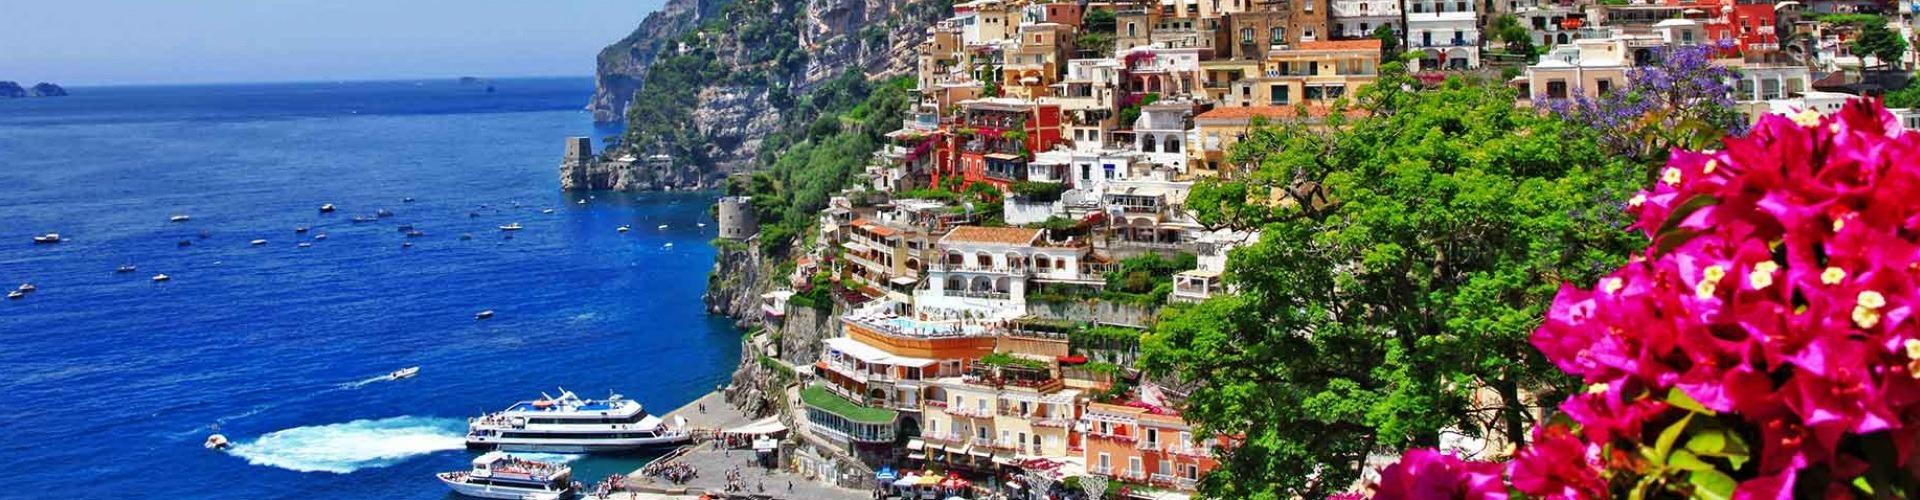 Amalfi, Capri, Sorrento, Pompeji